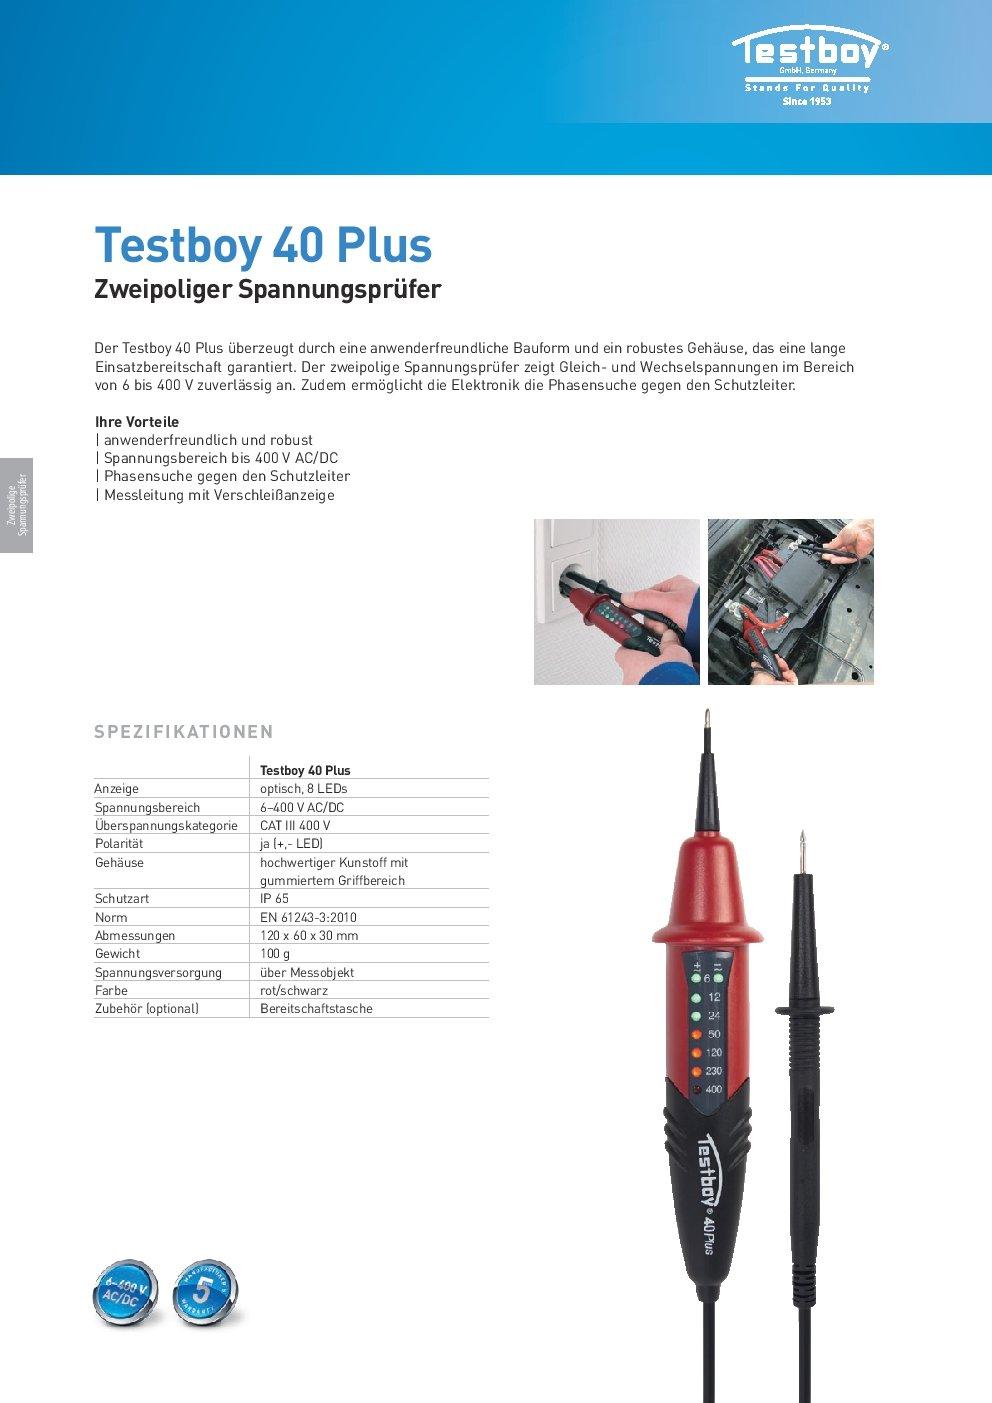 Gleich- und Wechselspannung zweipoliger Spannungsprüfer Testboy 40 Plus